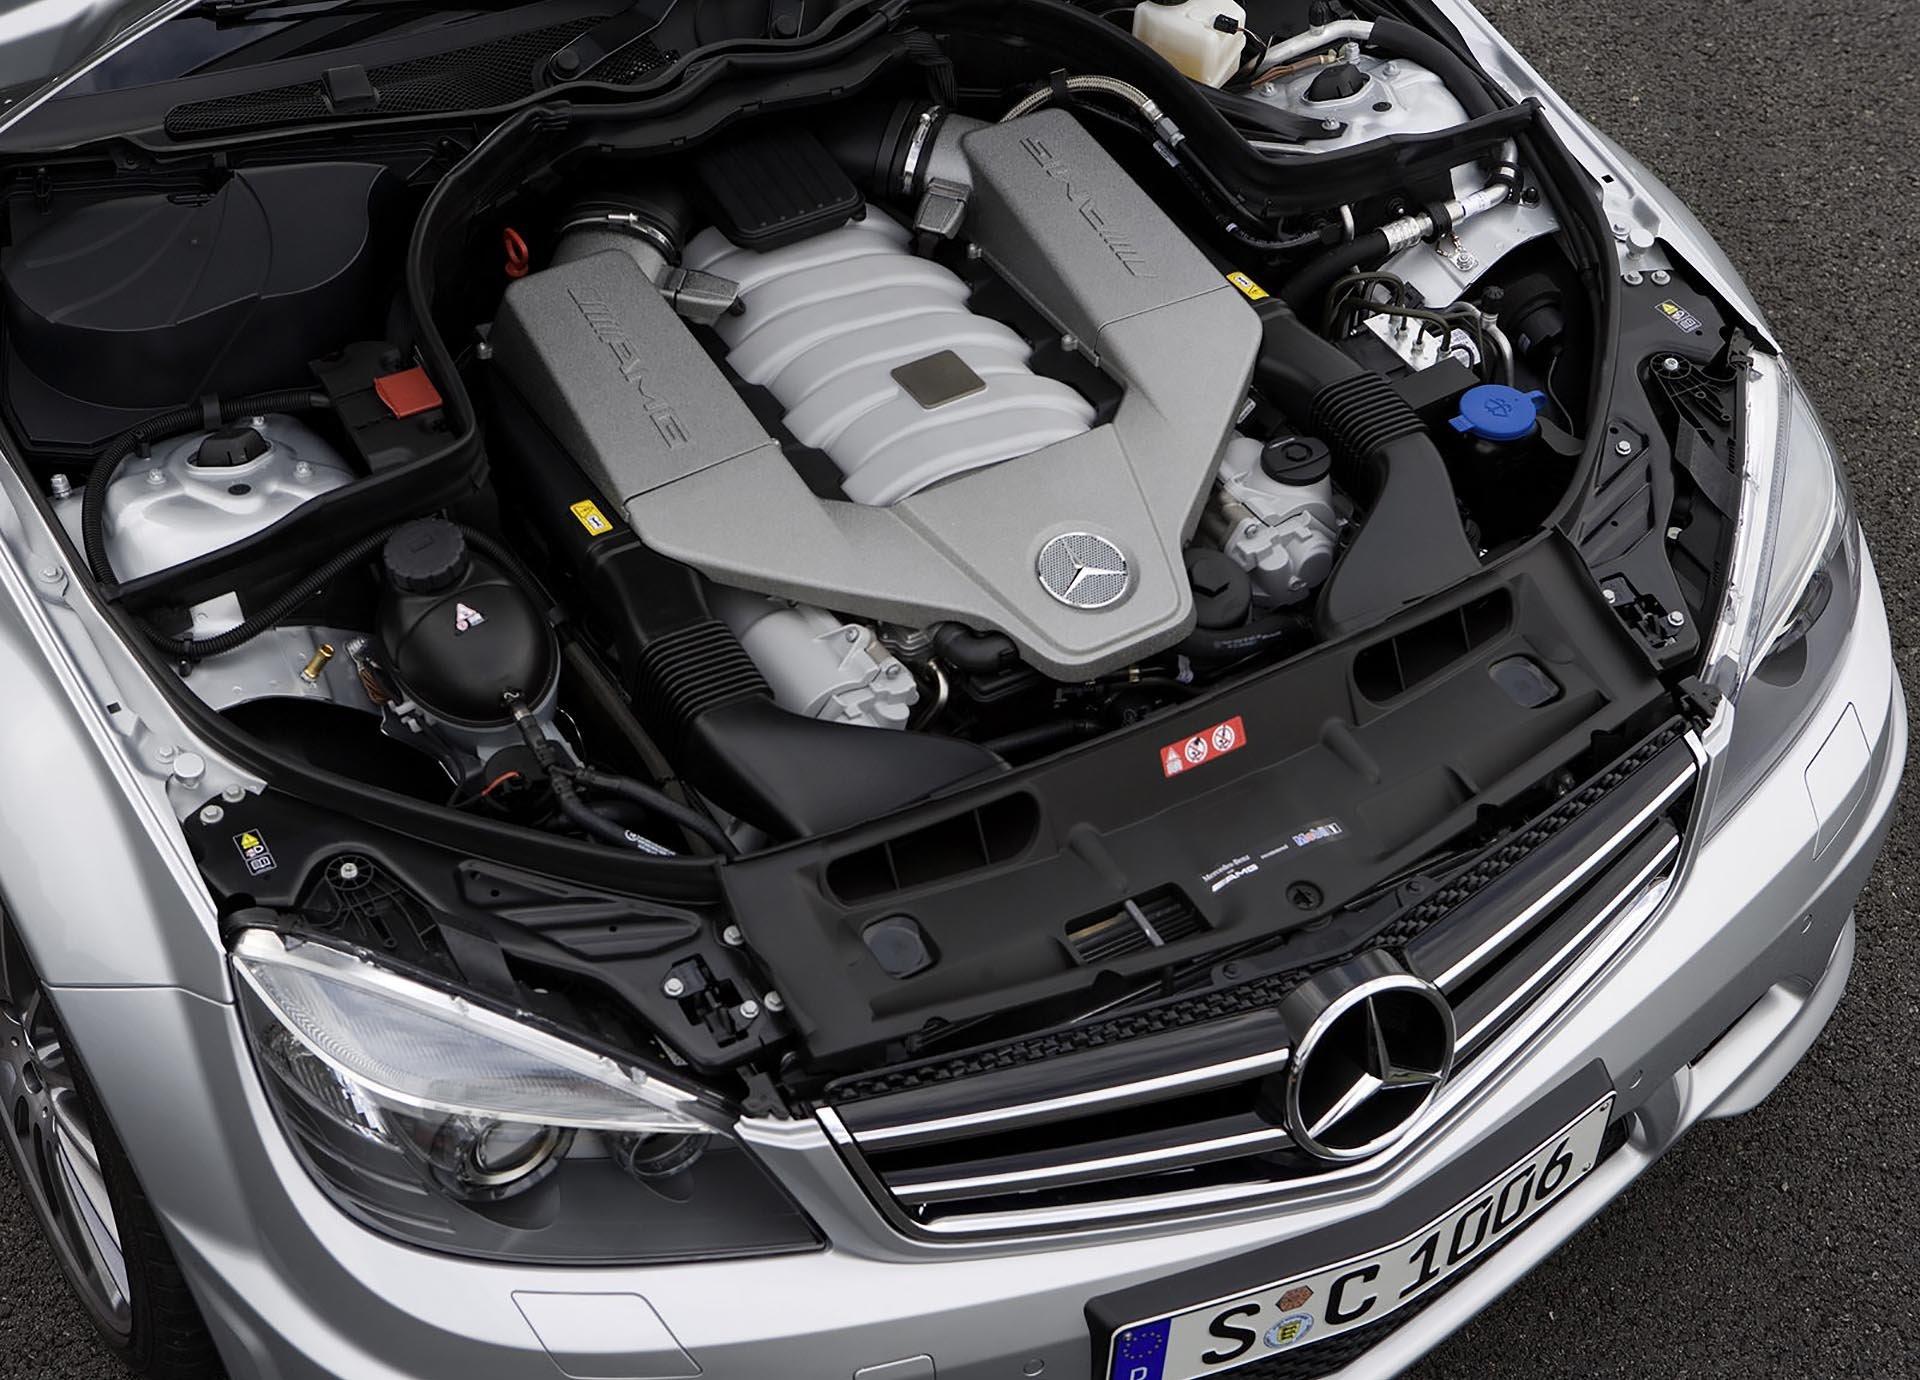 11_Mercedes-Benz C63 AMG M156 engine bay